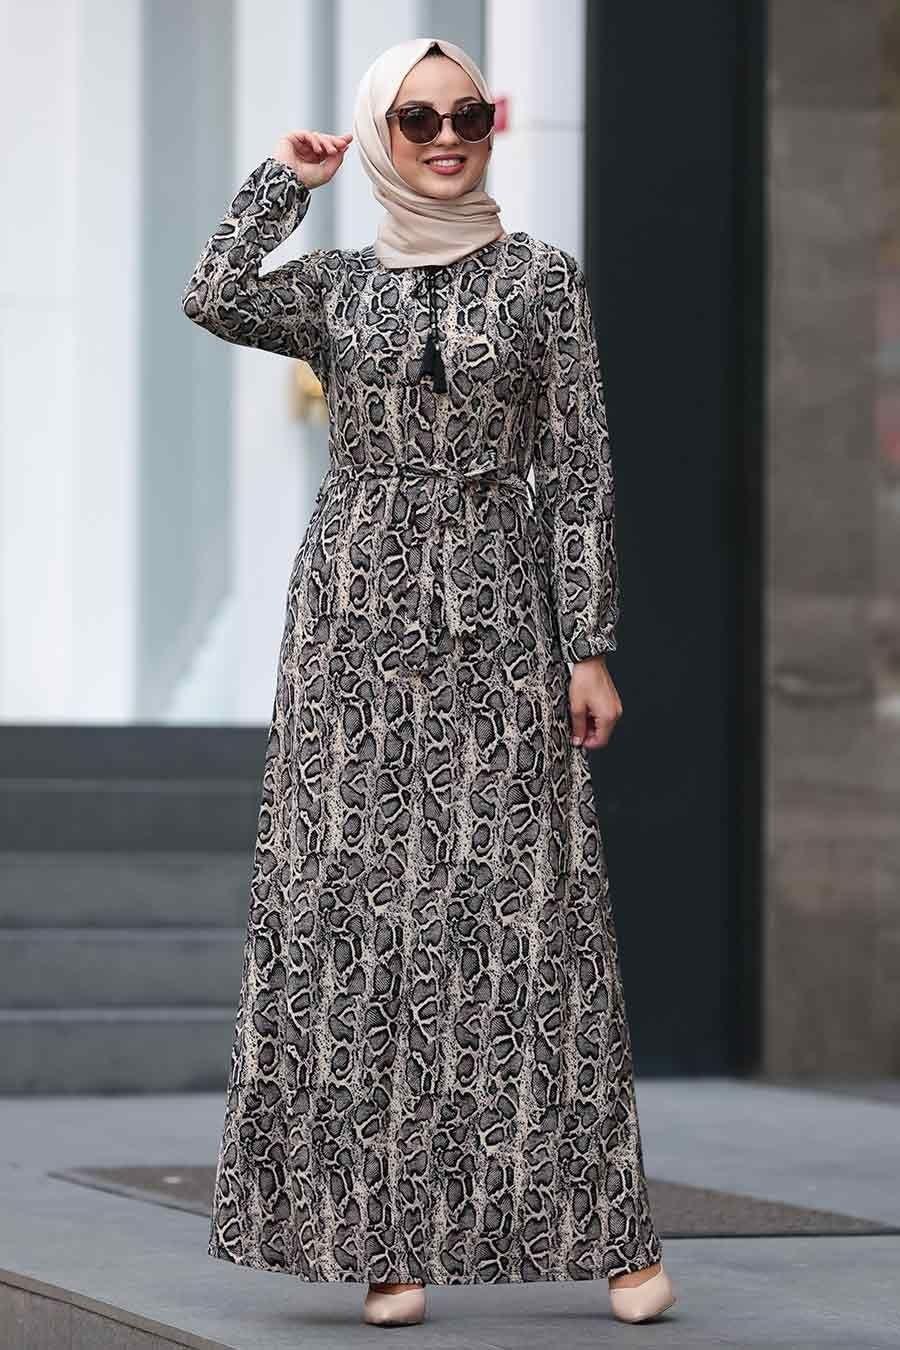 Nayla Collection Leopar Desenli Tesettur Elbise 22921lp Tesetturisland Com Elbise Maksi Elbiseler Giyim